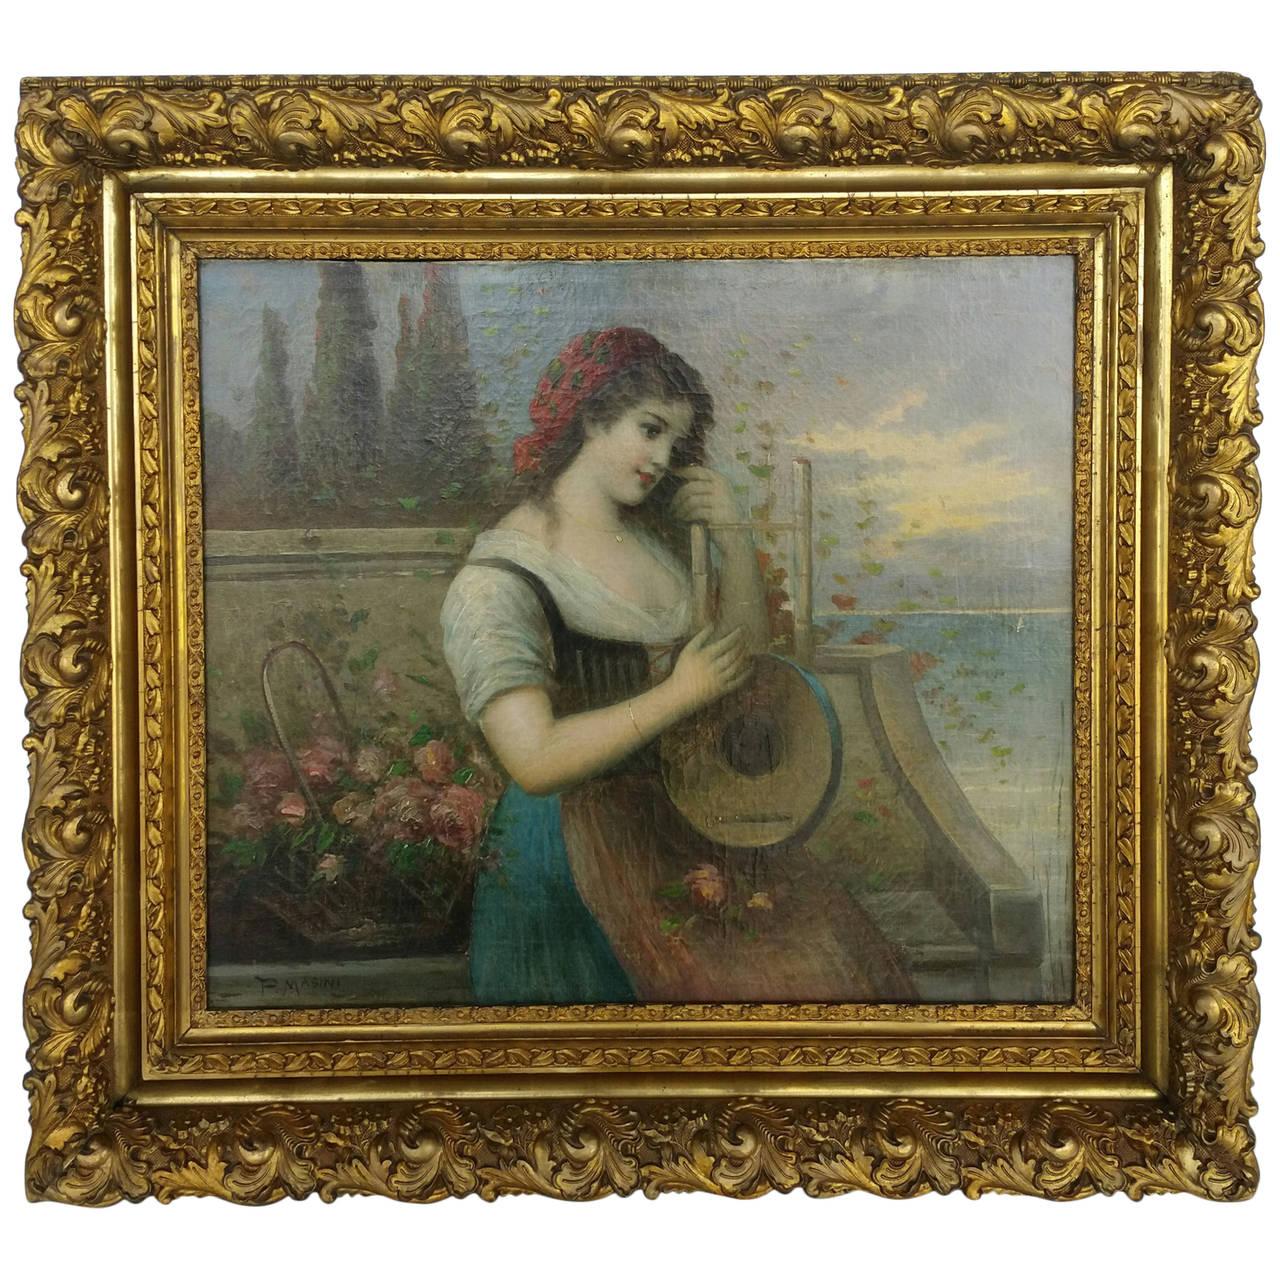 Painting Signed P. Masini 1